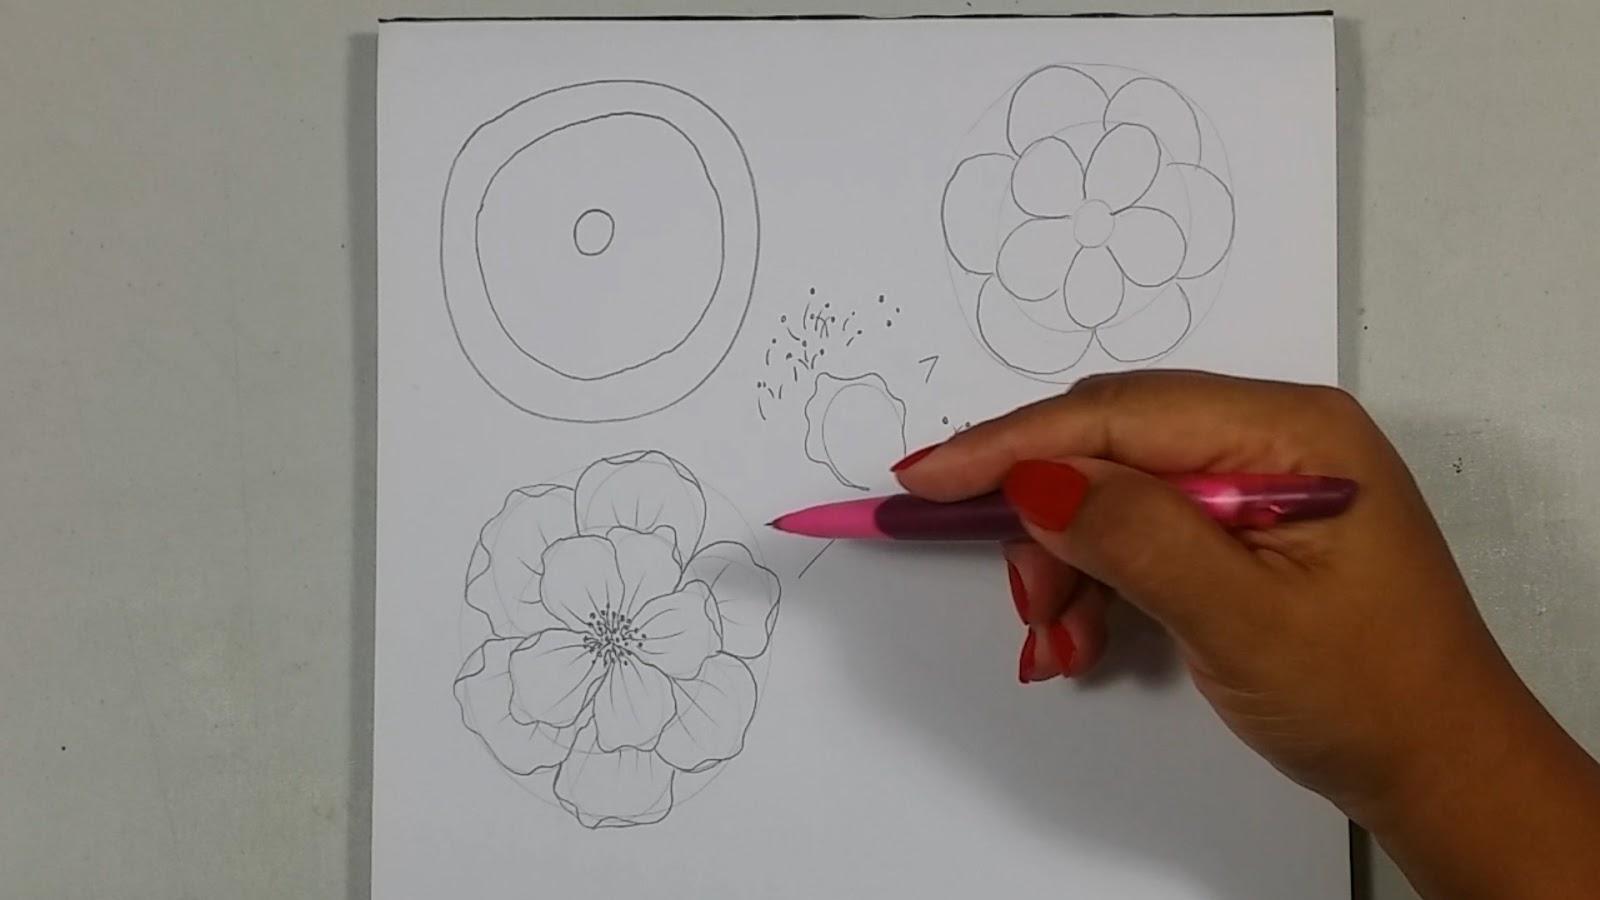 Dibujando Con Delein Como Hacer Una Libreta De Dibujo: Dibujando Con Delein: Como Dibujar Una Flor Paso A Paso